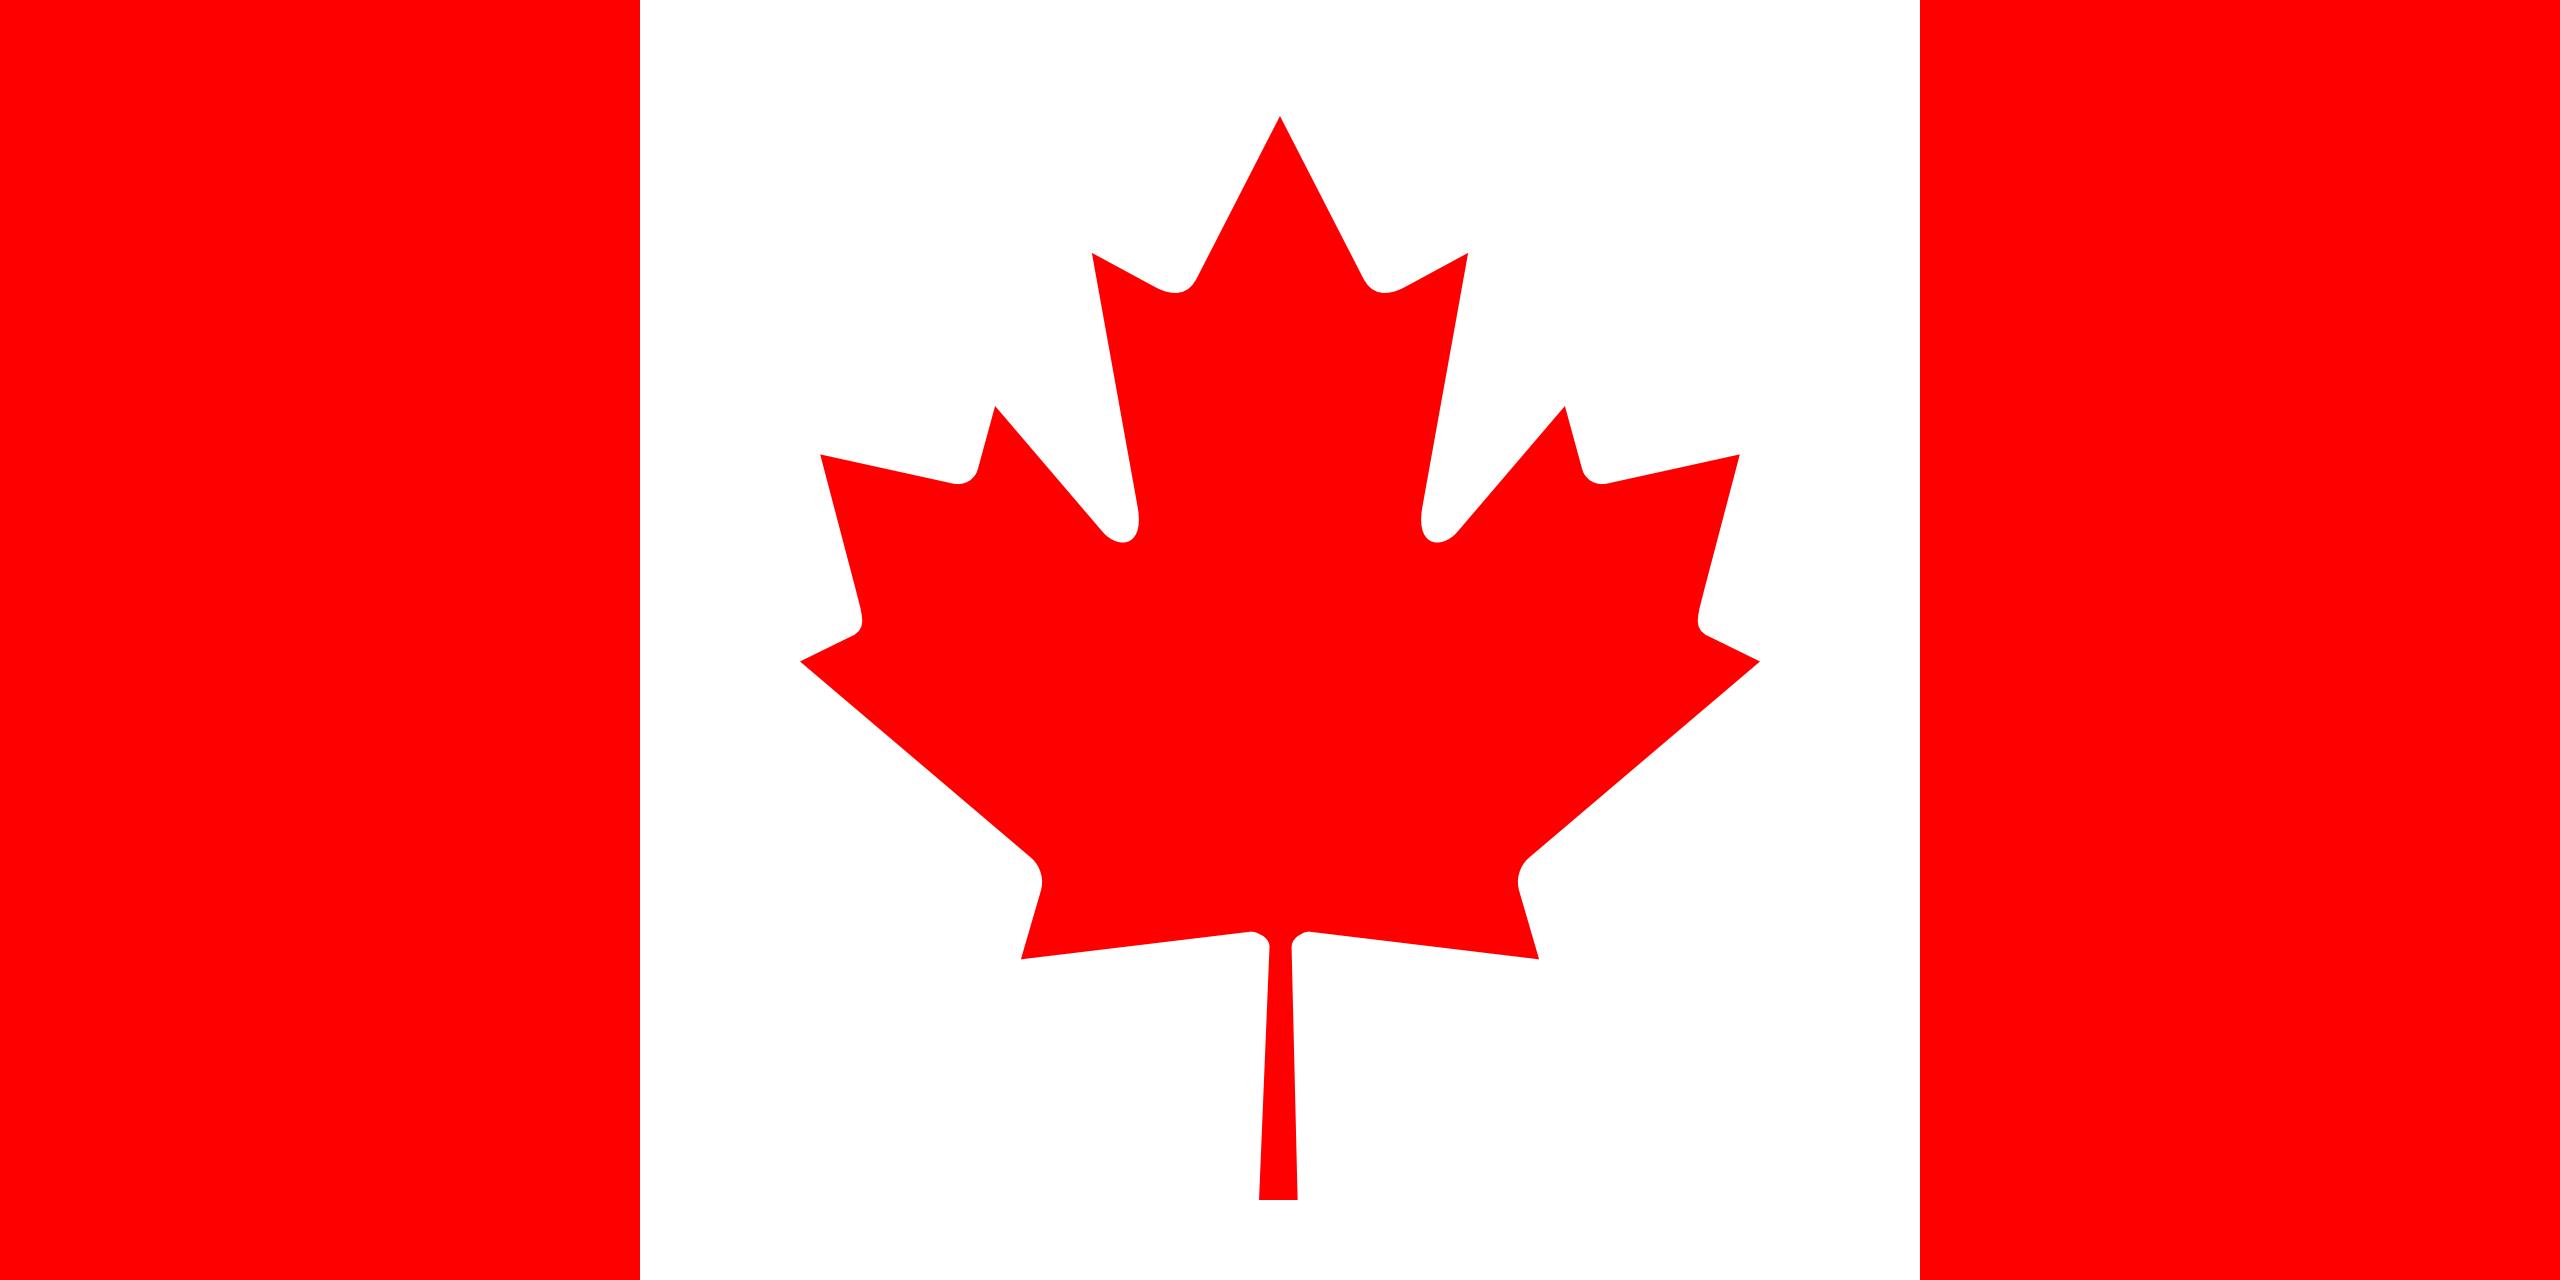 加拿大, 国家, 会徽, 徽标, 符号 - 高清壁纸 - 教授-falken.com